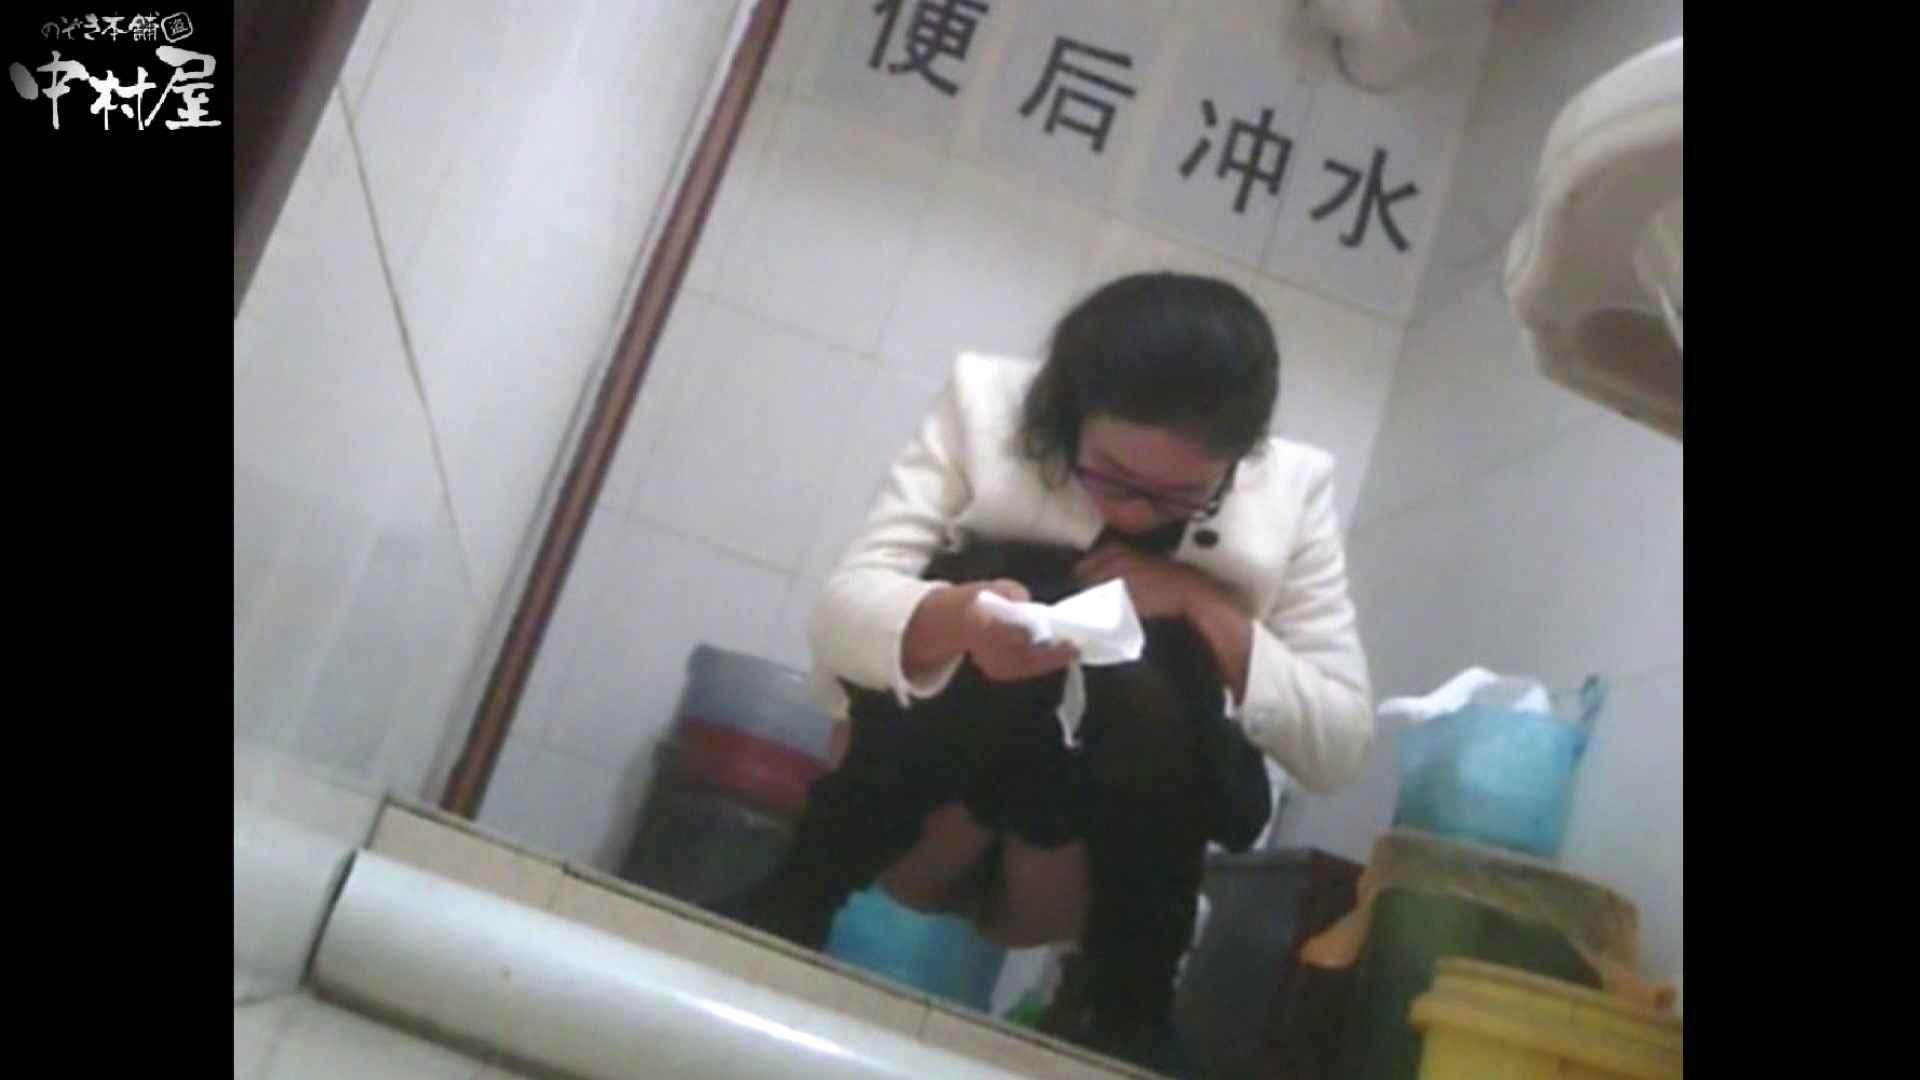 李さんの盗撮日記 Vol.15 超エロギャル ヌード画像 51枚 3